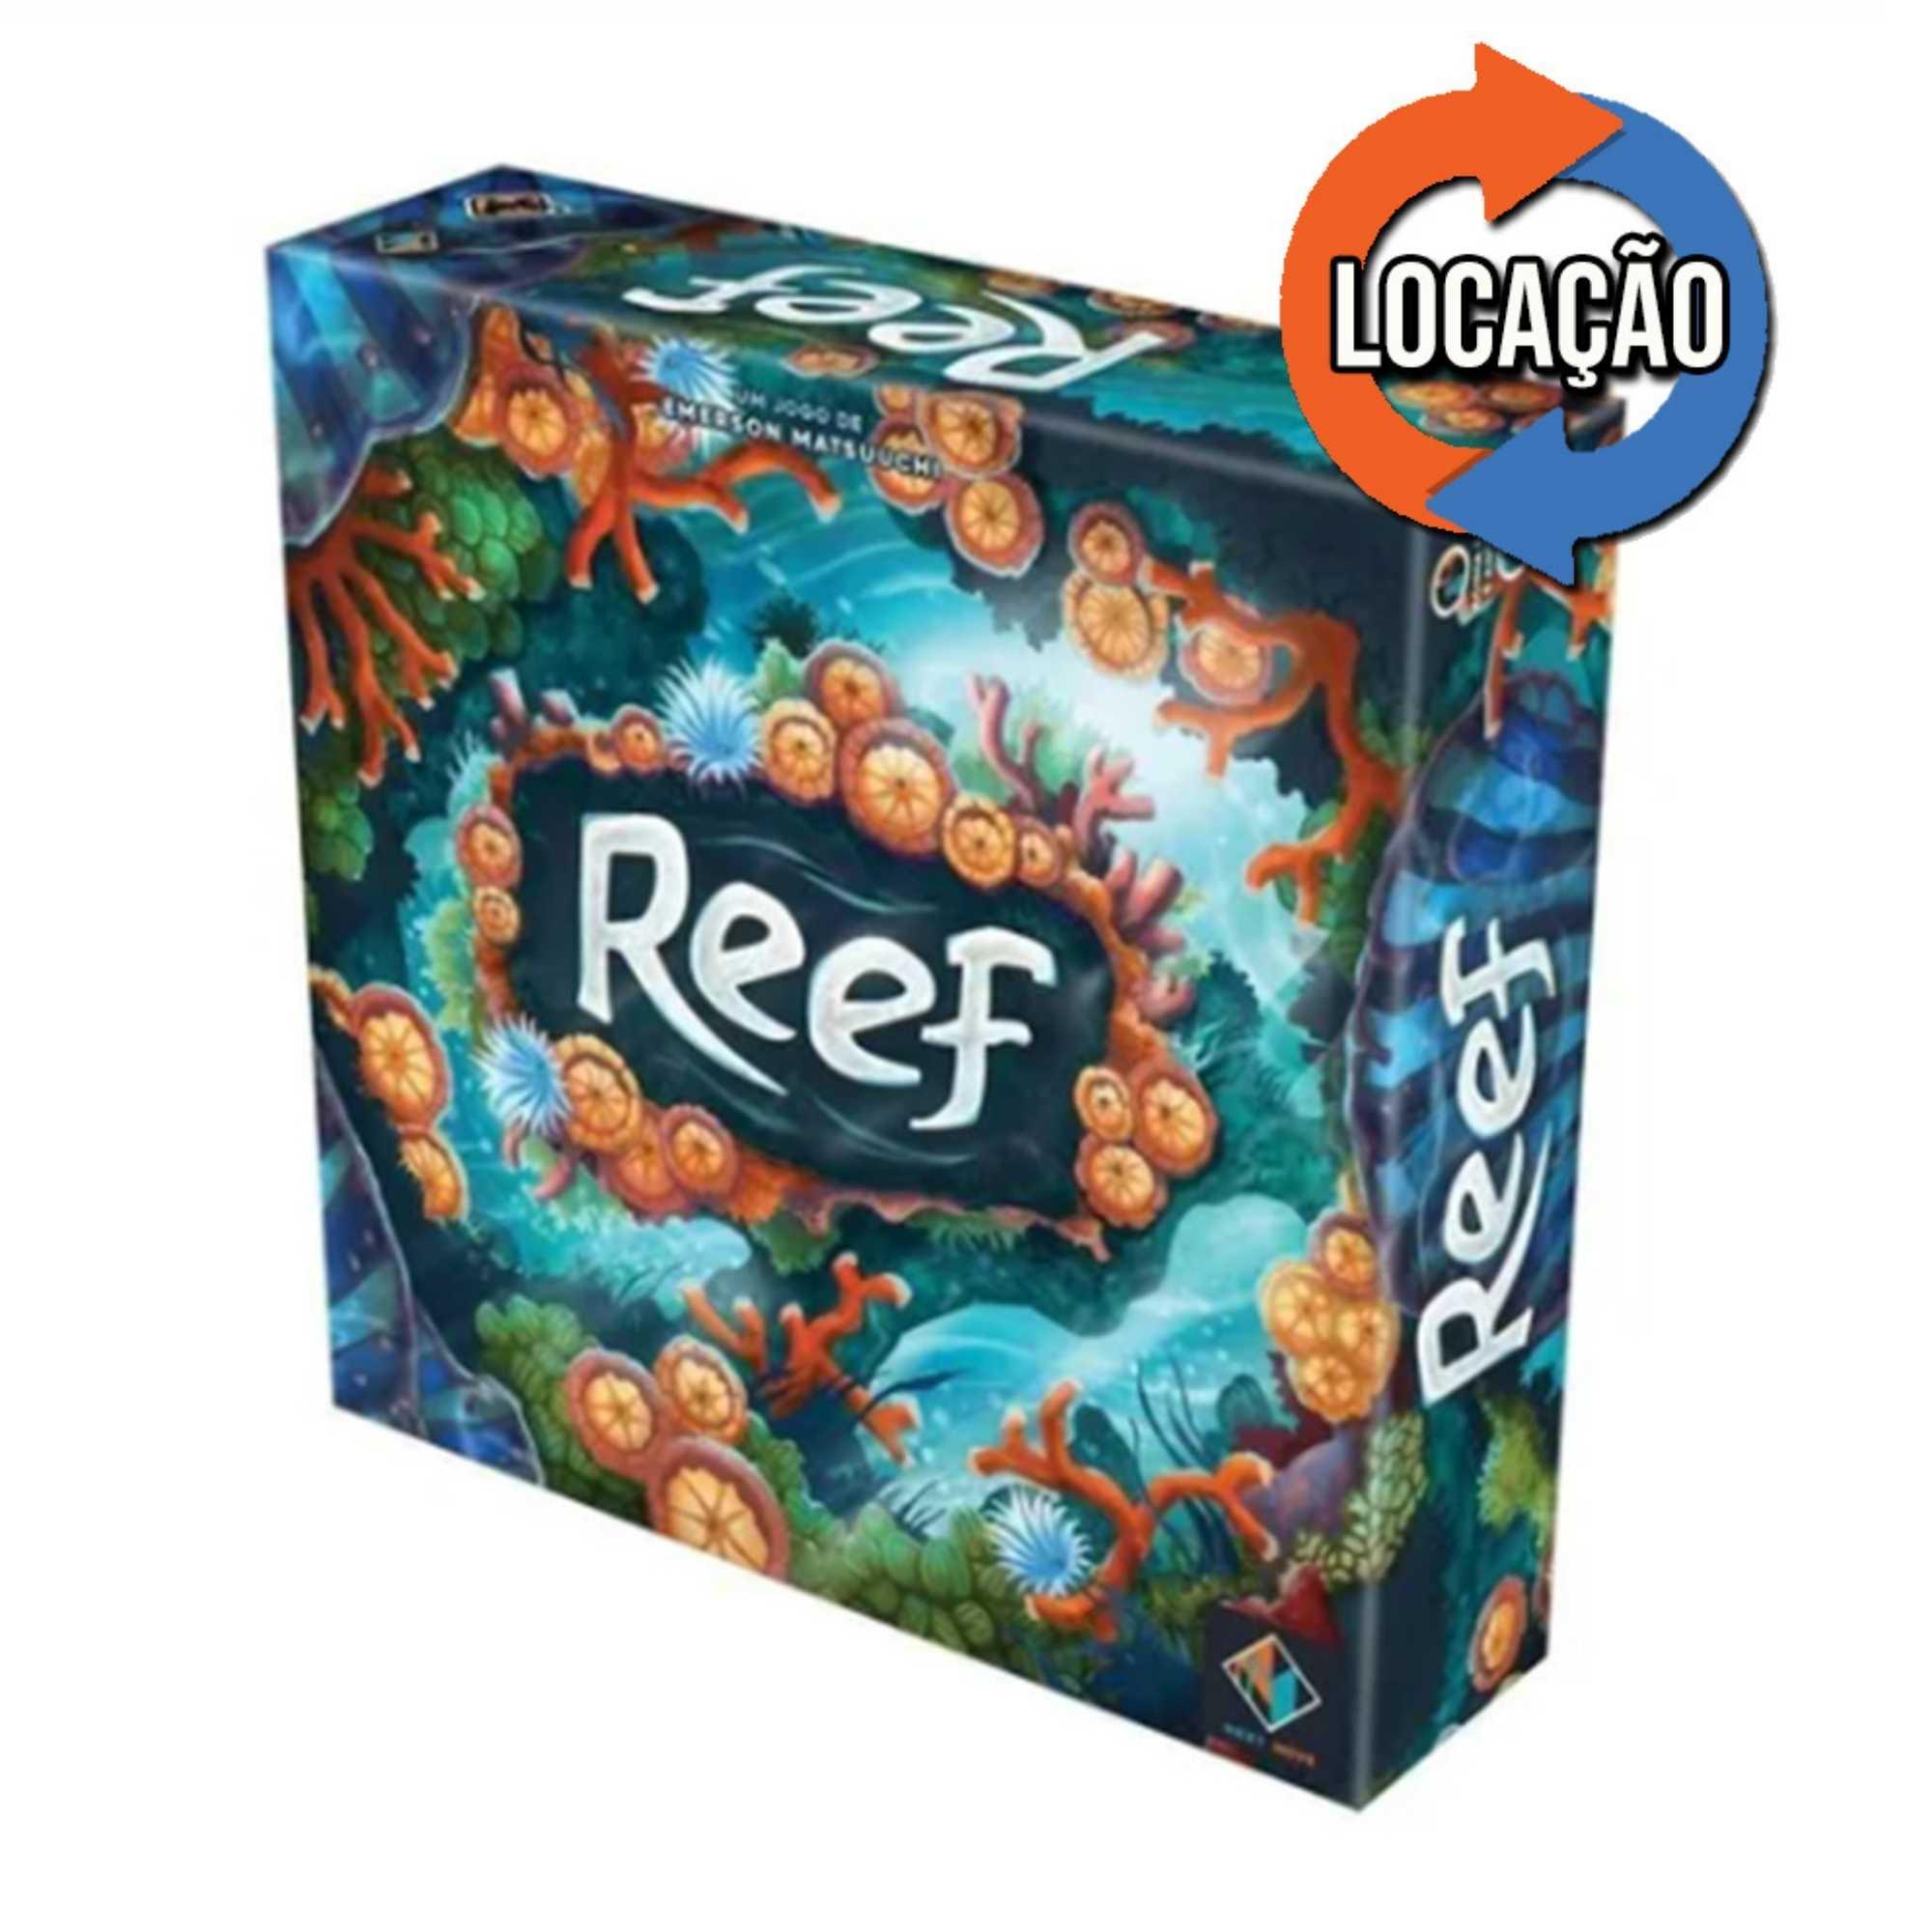 Reef (Locação)